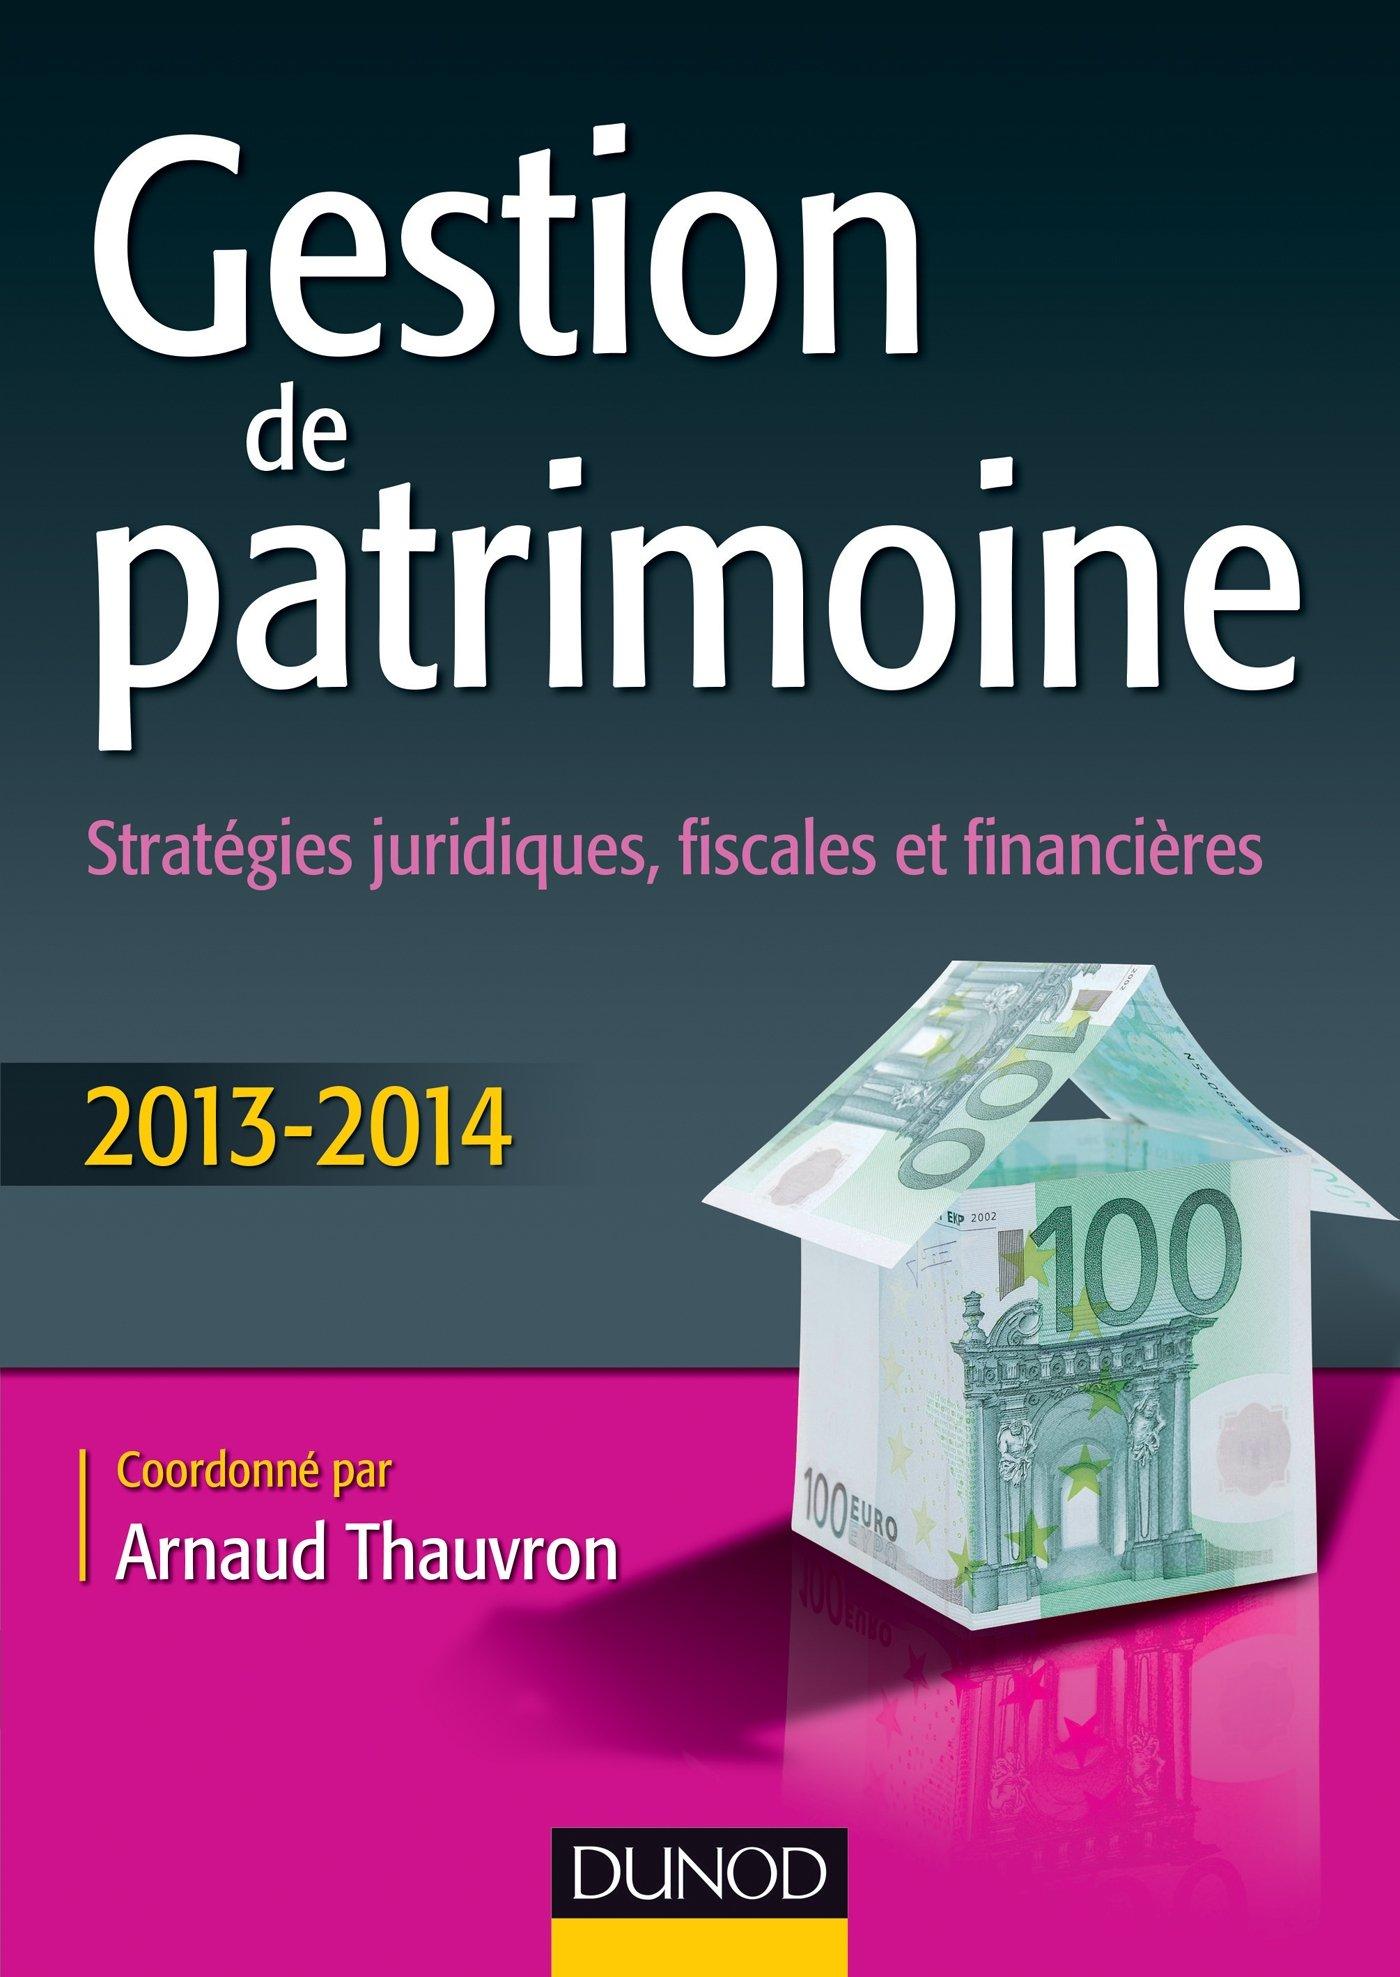 Gestion de patrimoine – Stratégie juridiques- fiscales et financières